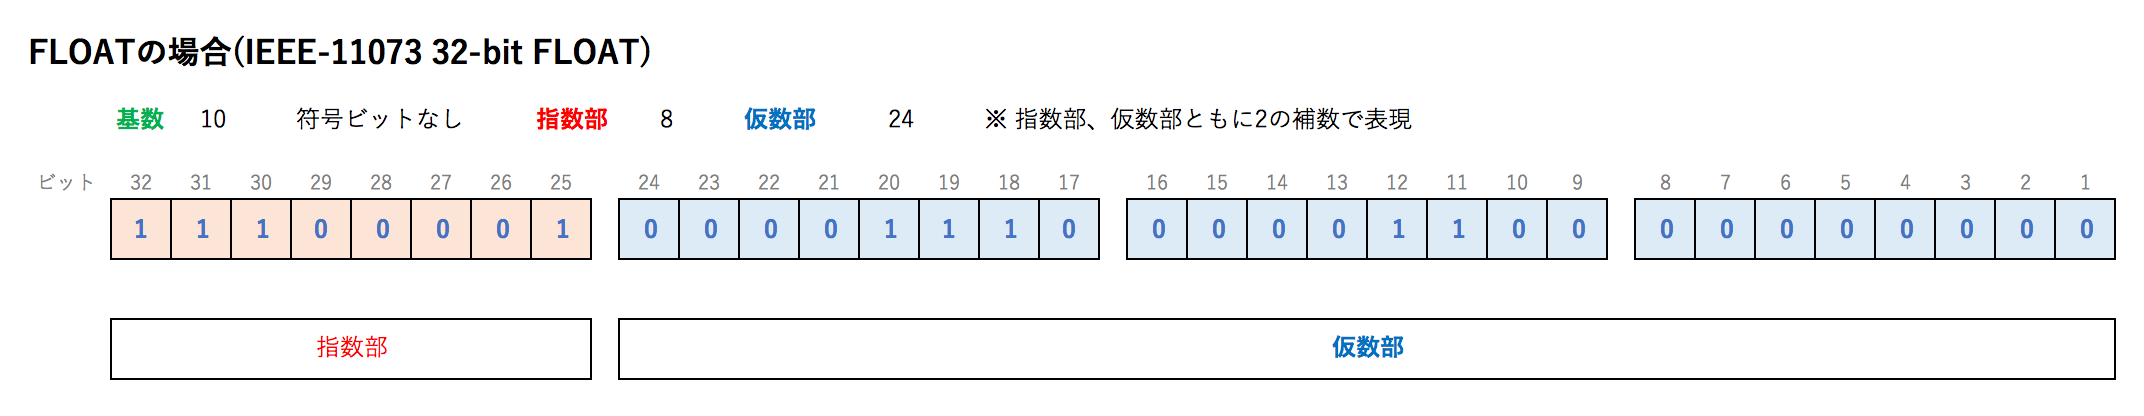 FLOATの場合(IEEE-11073 32-bit FLOAT).png